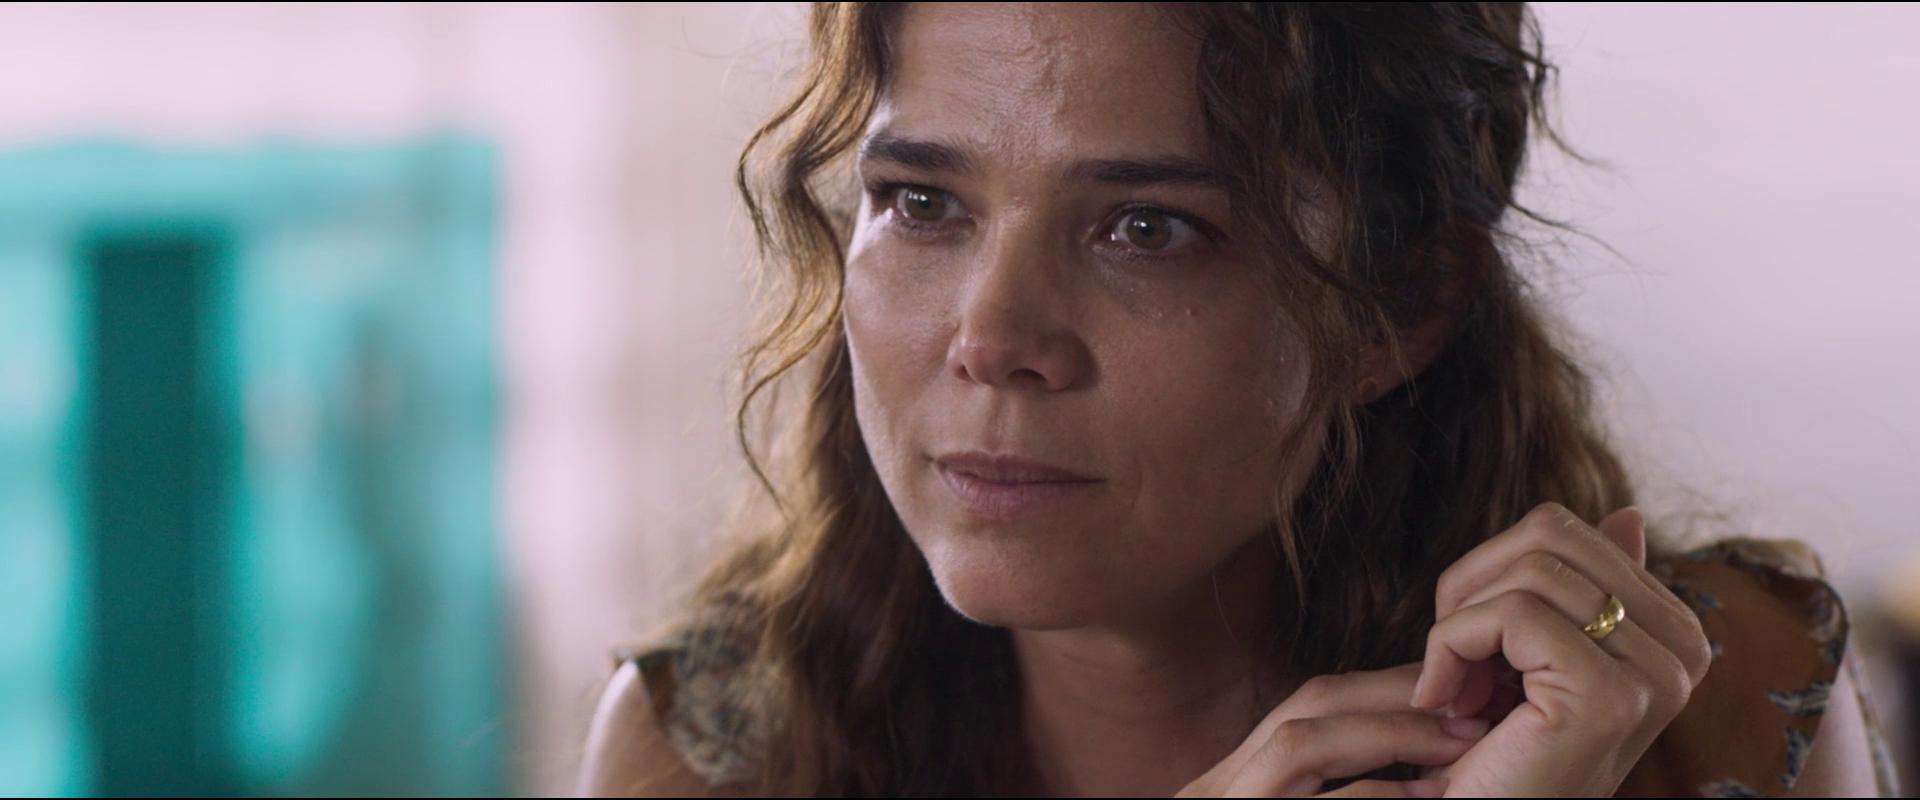 El Prisionero (2018) 1080p WEB-DL AMZN Latino